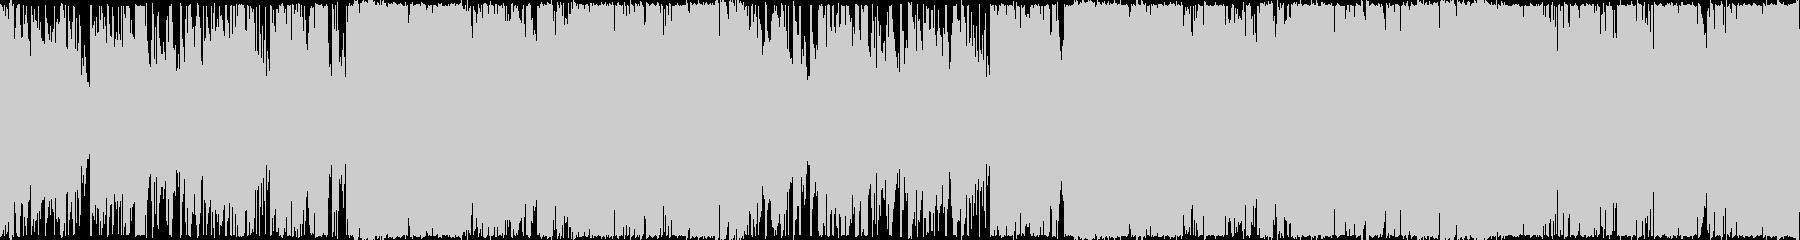 おしゃれなバー・ジャズファンク・ループの未再生の波形